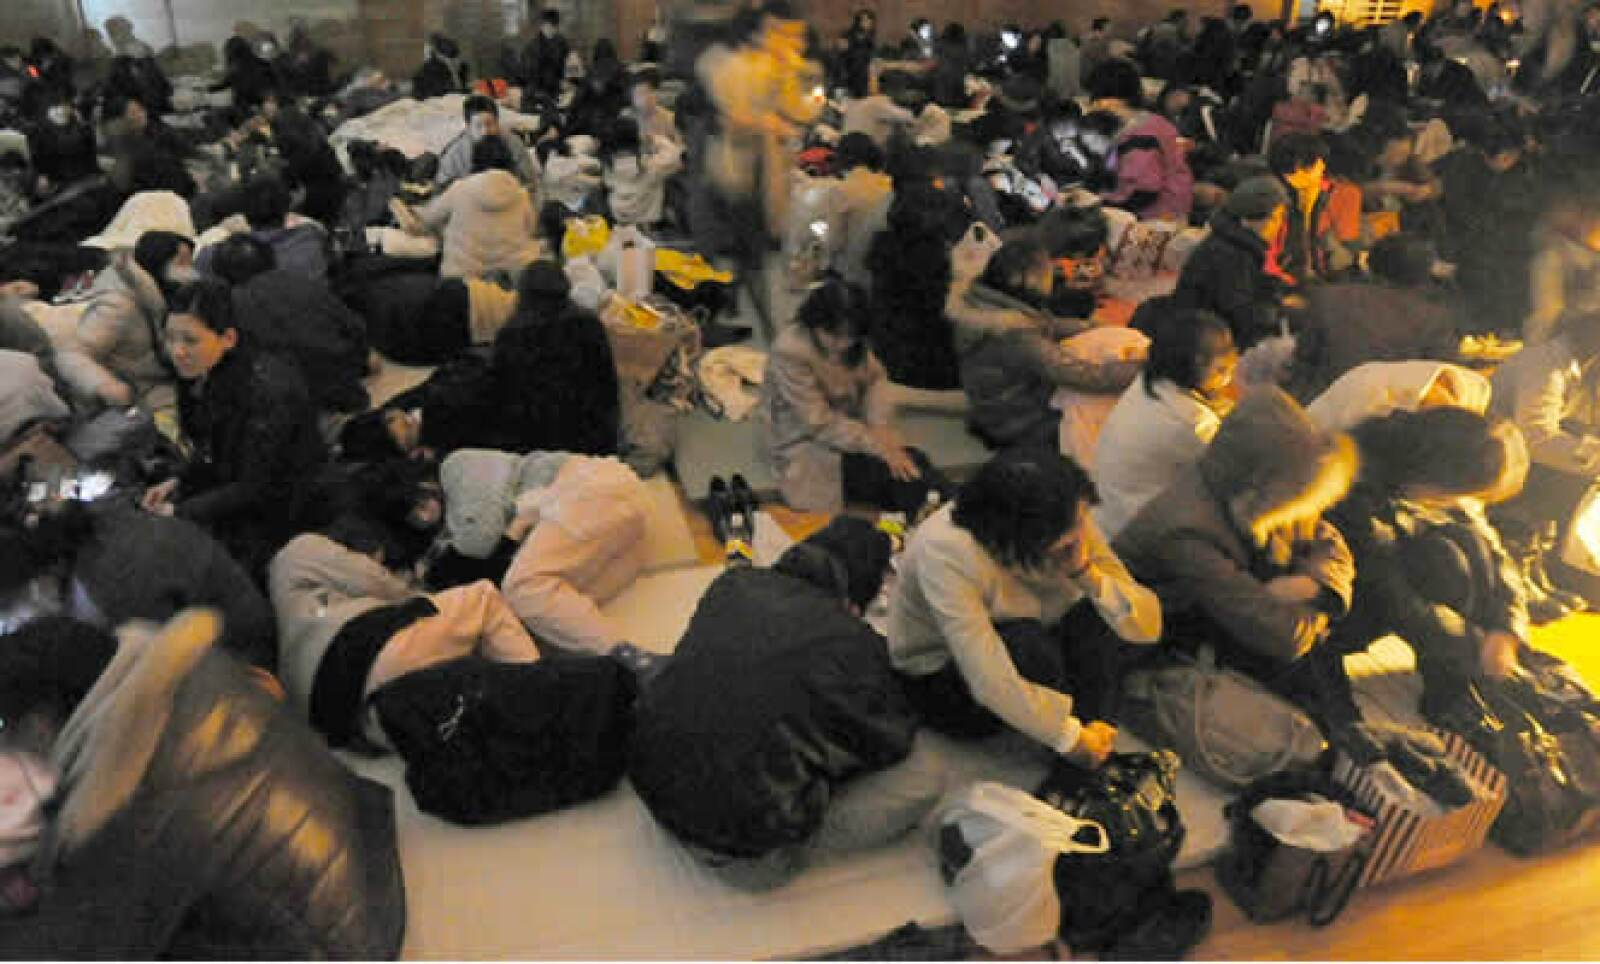 La mayoría de las personas no han podido regresar a sus casas, y ahora se encuentran durmiendo en refugios temporales. En la imagen, uno de los centros en Sendai, en el noreste del país.